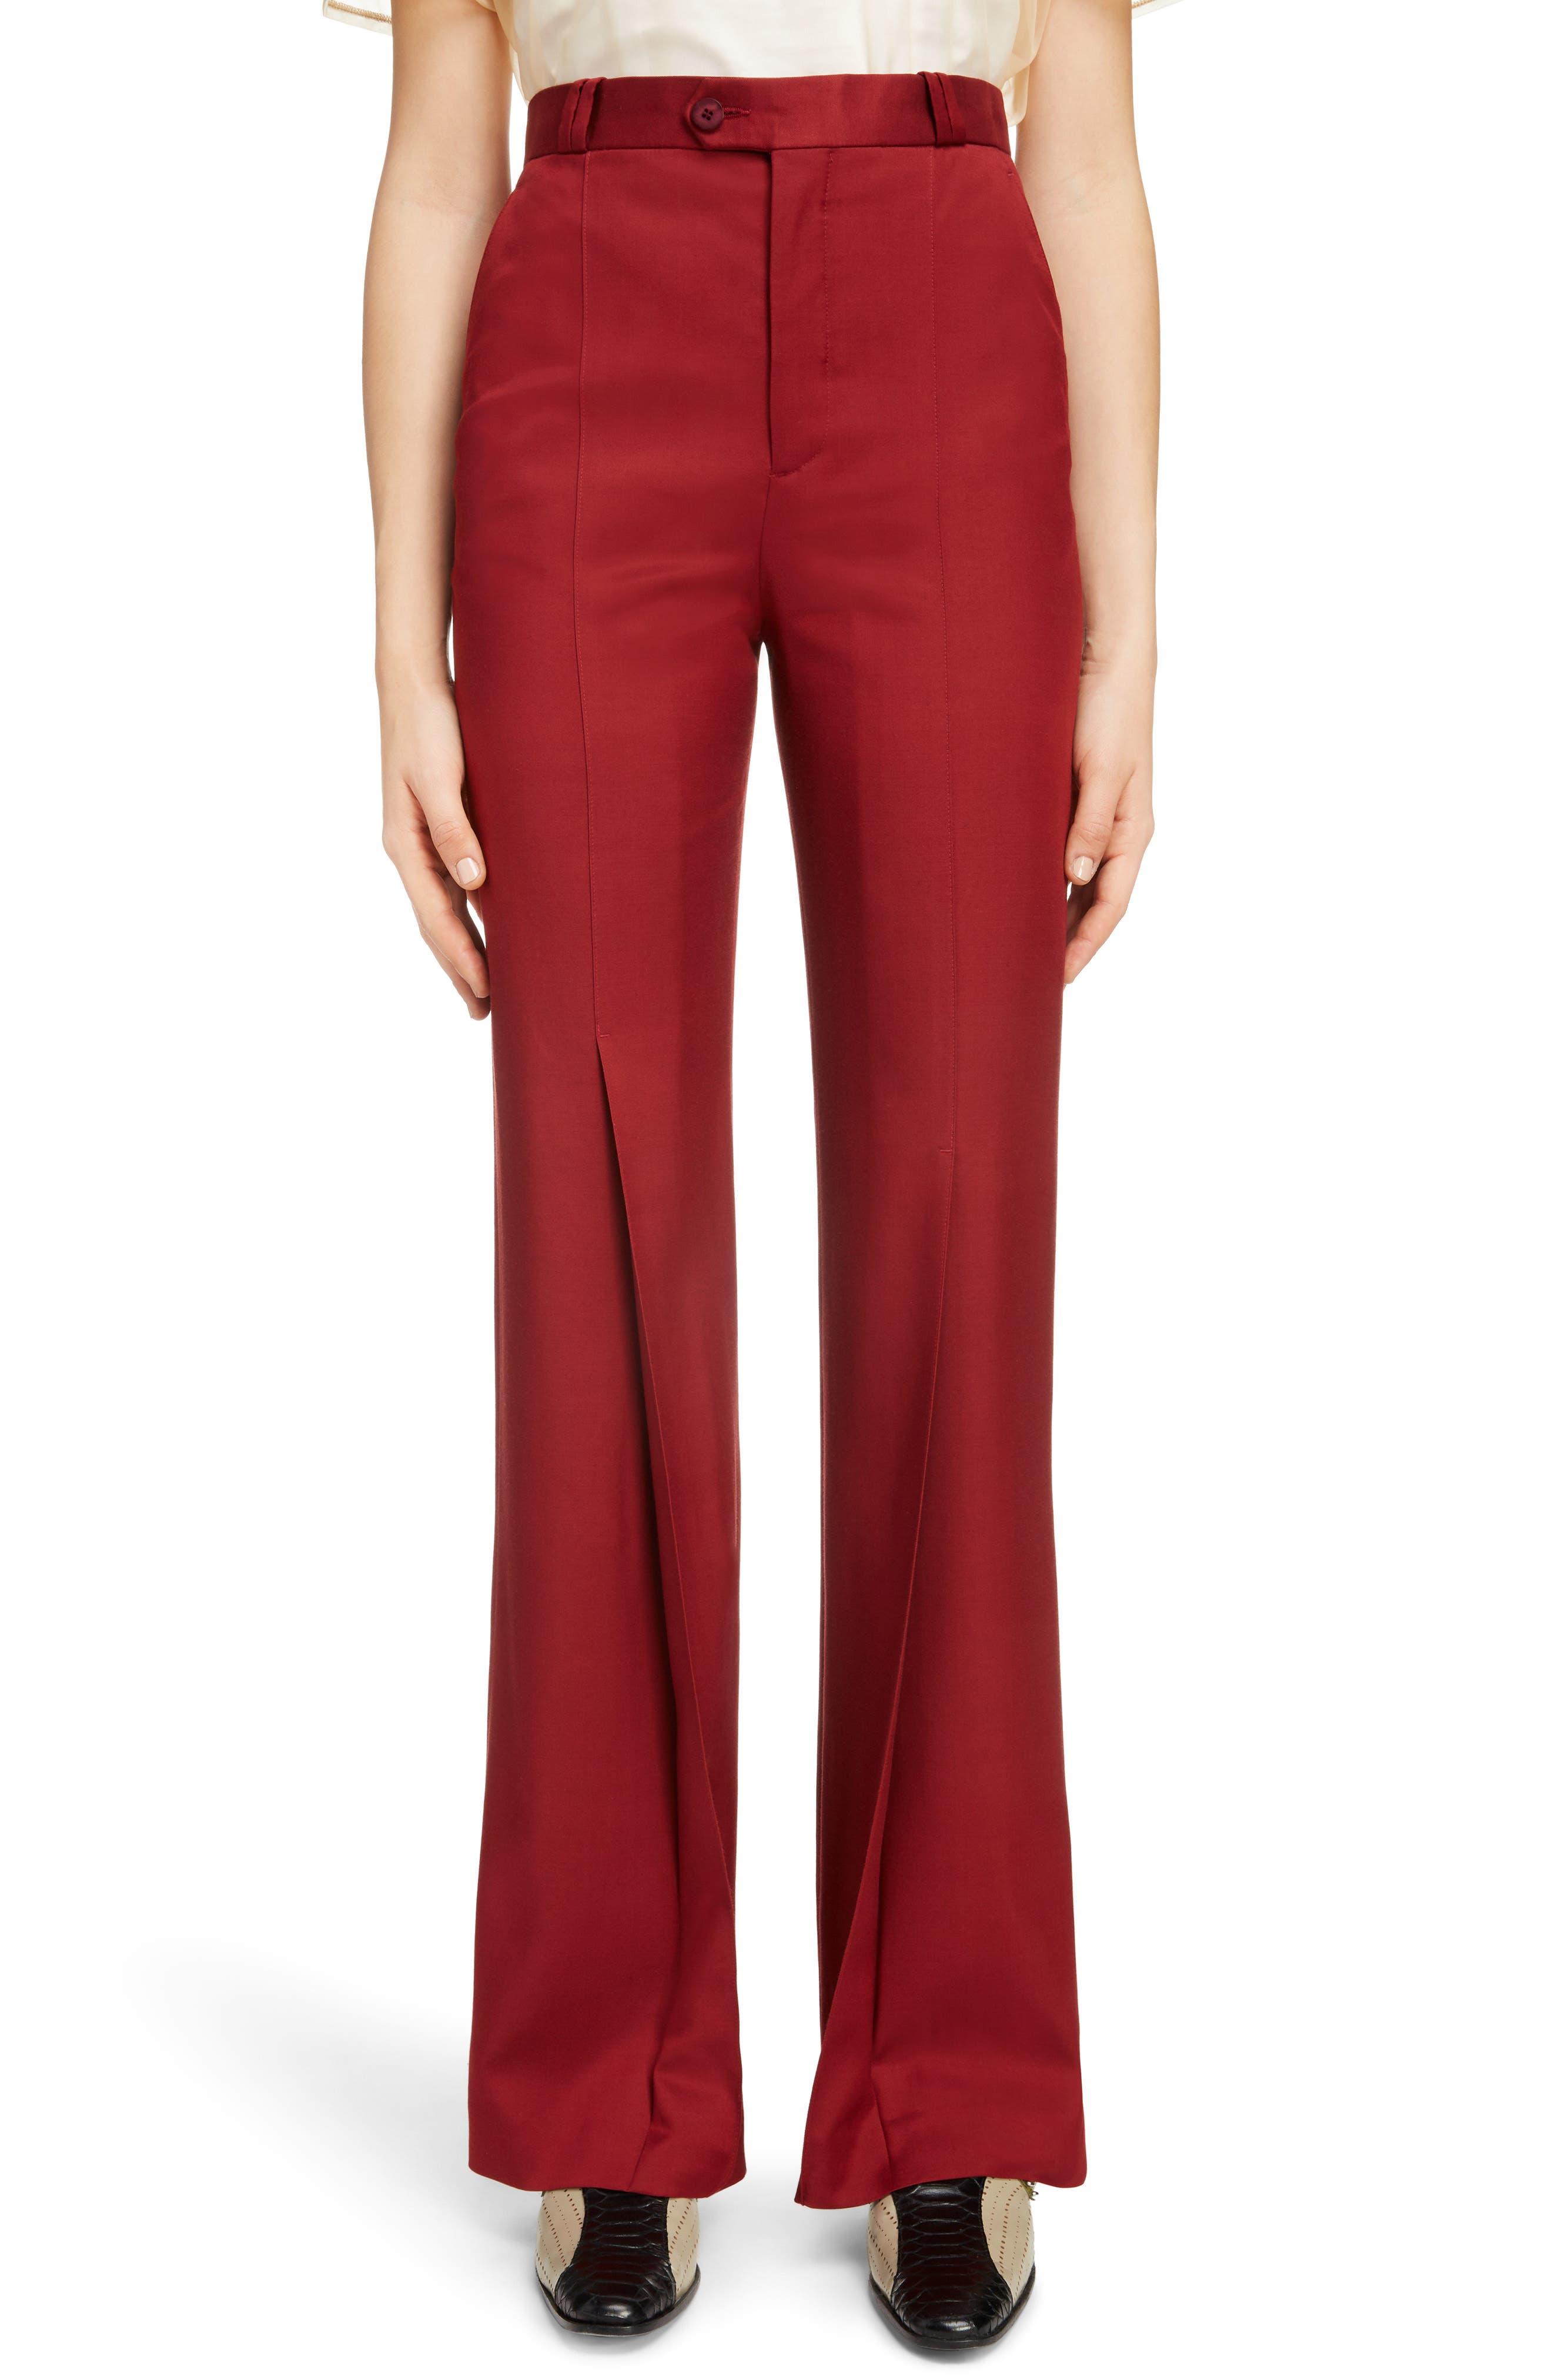 Tohny Suit Pants,                         Main,                         color, 930